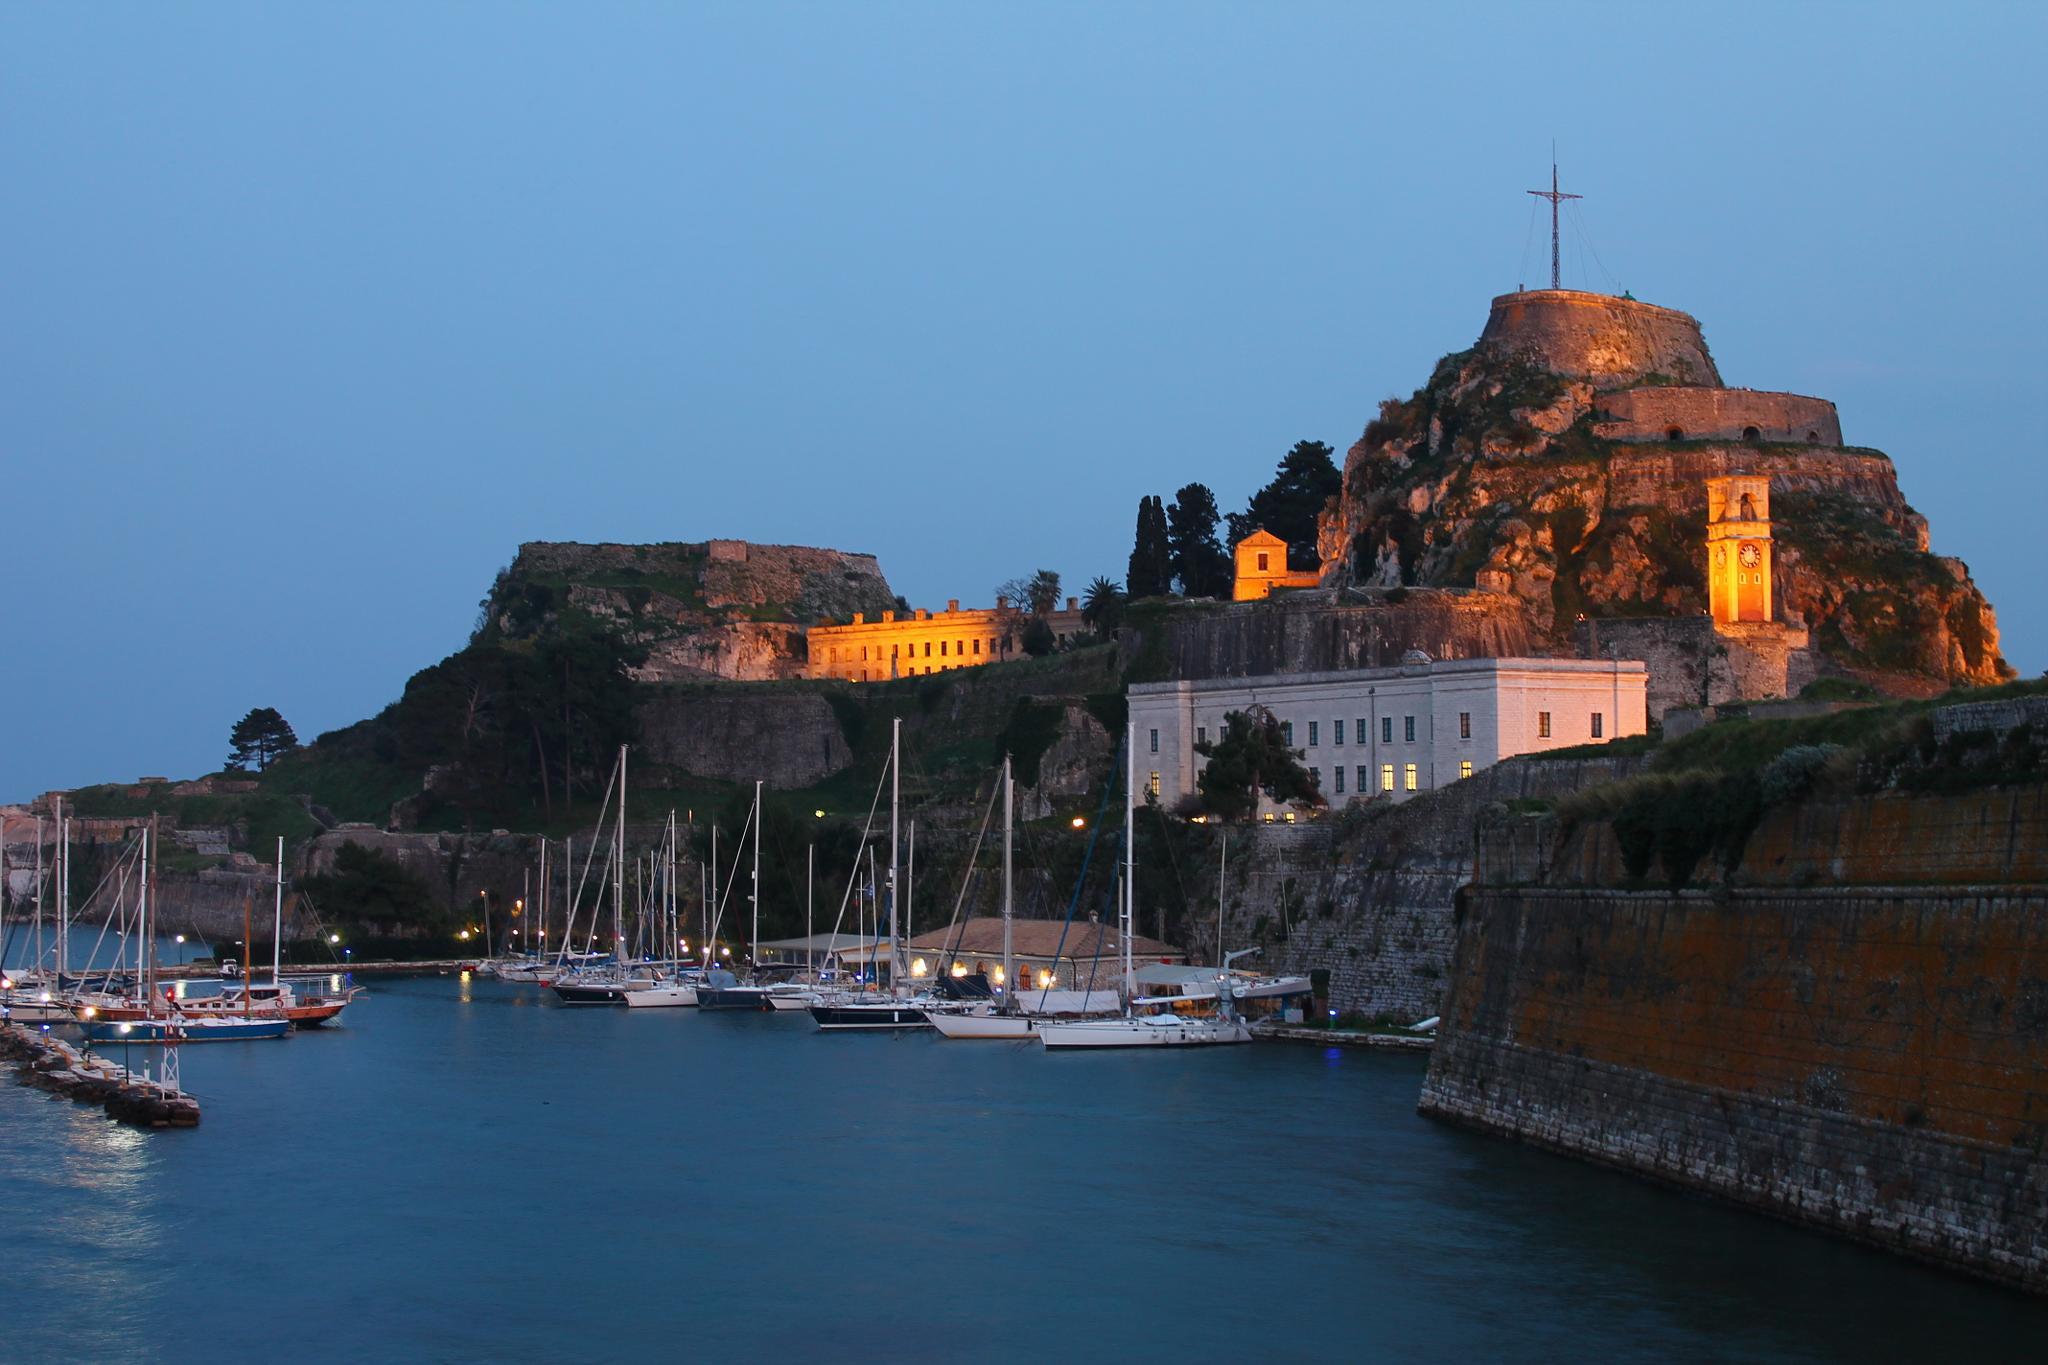 Old Fortress, Corfu by Stavroula Nouvaki